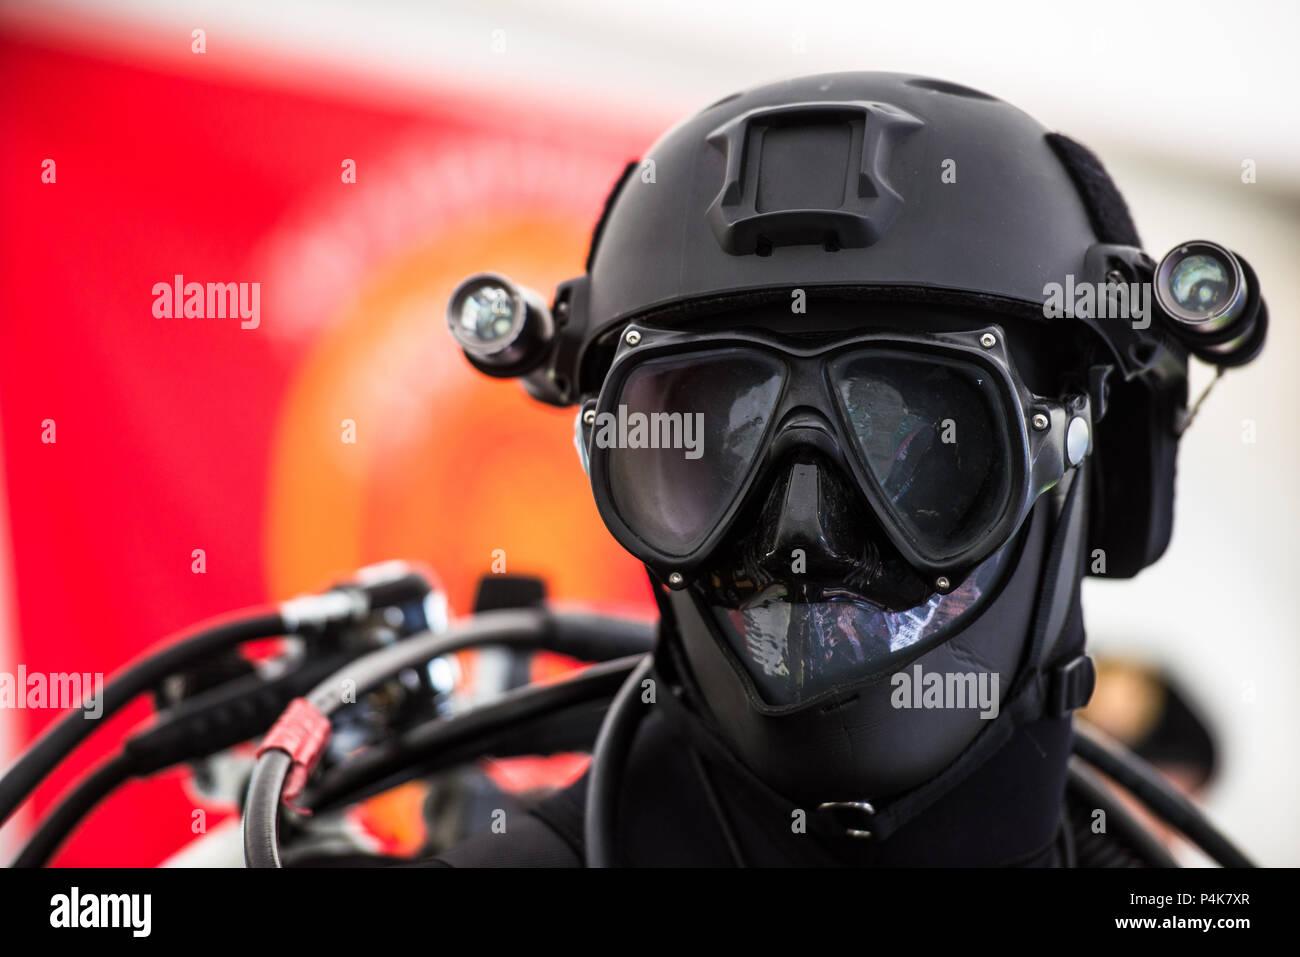 Casque de plongée de combat tactique de combinaison de plongée pour la police et l'armée des missions de plongée Photo Stock